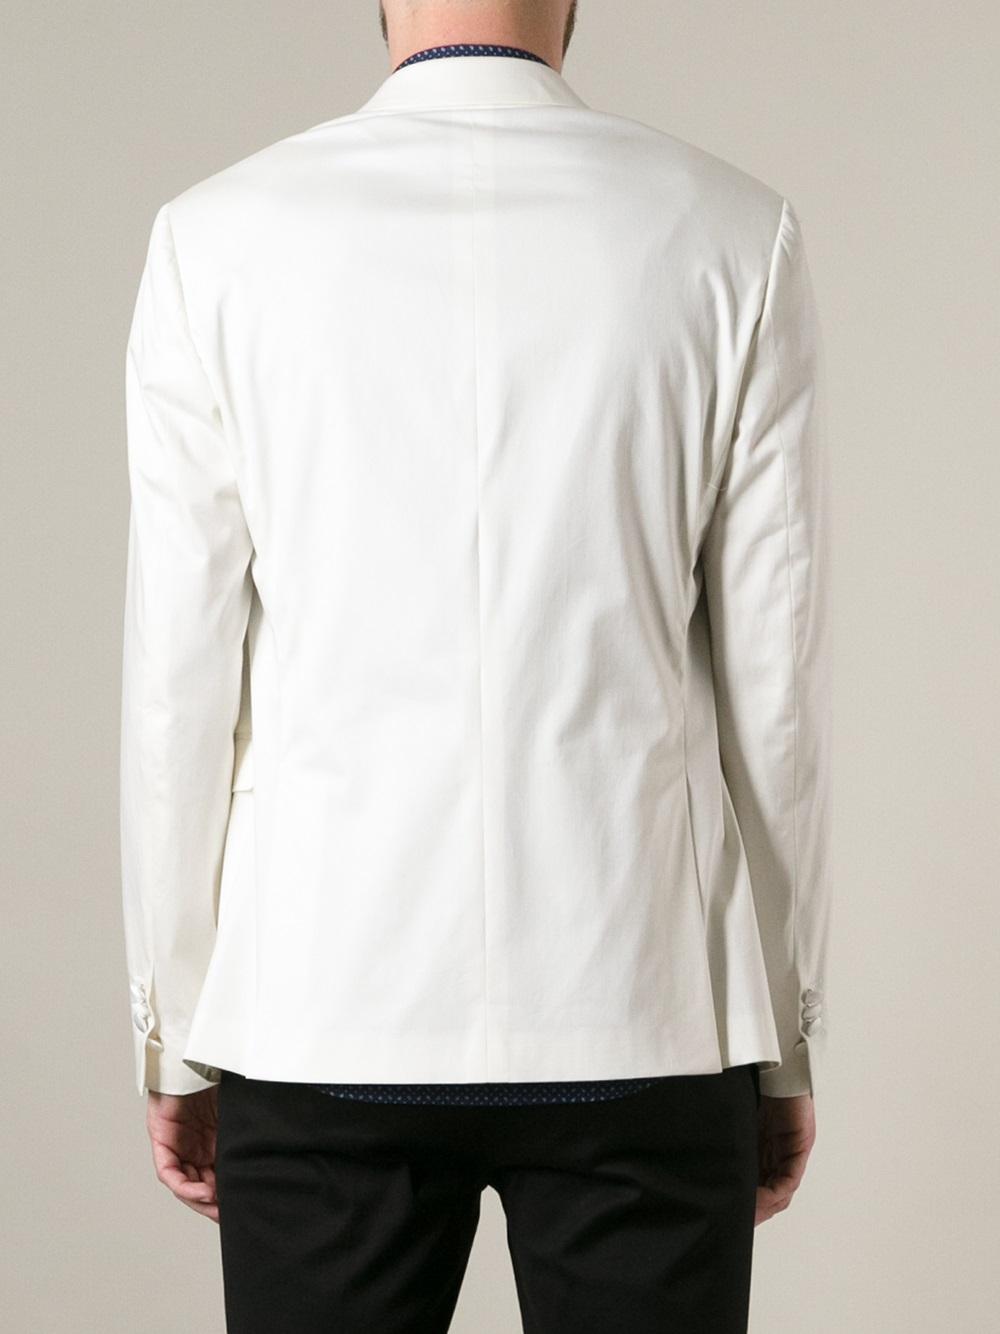 Neil Barrett Two Button Dinner Jacket in White for Men - Lyst